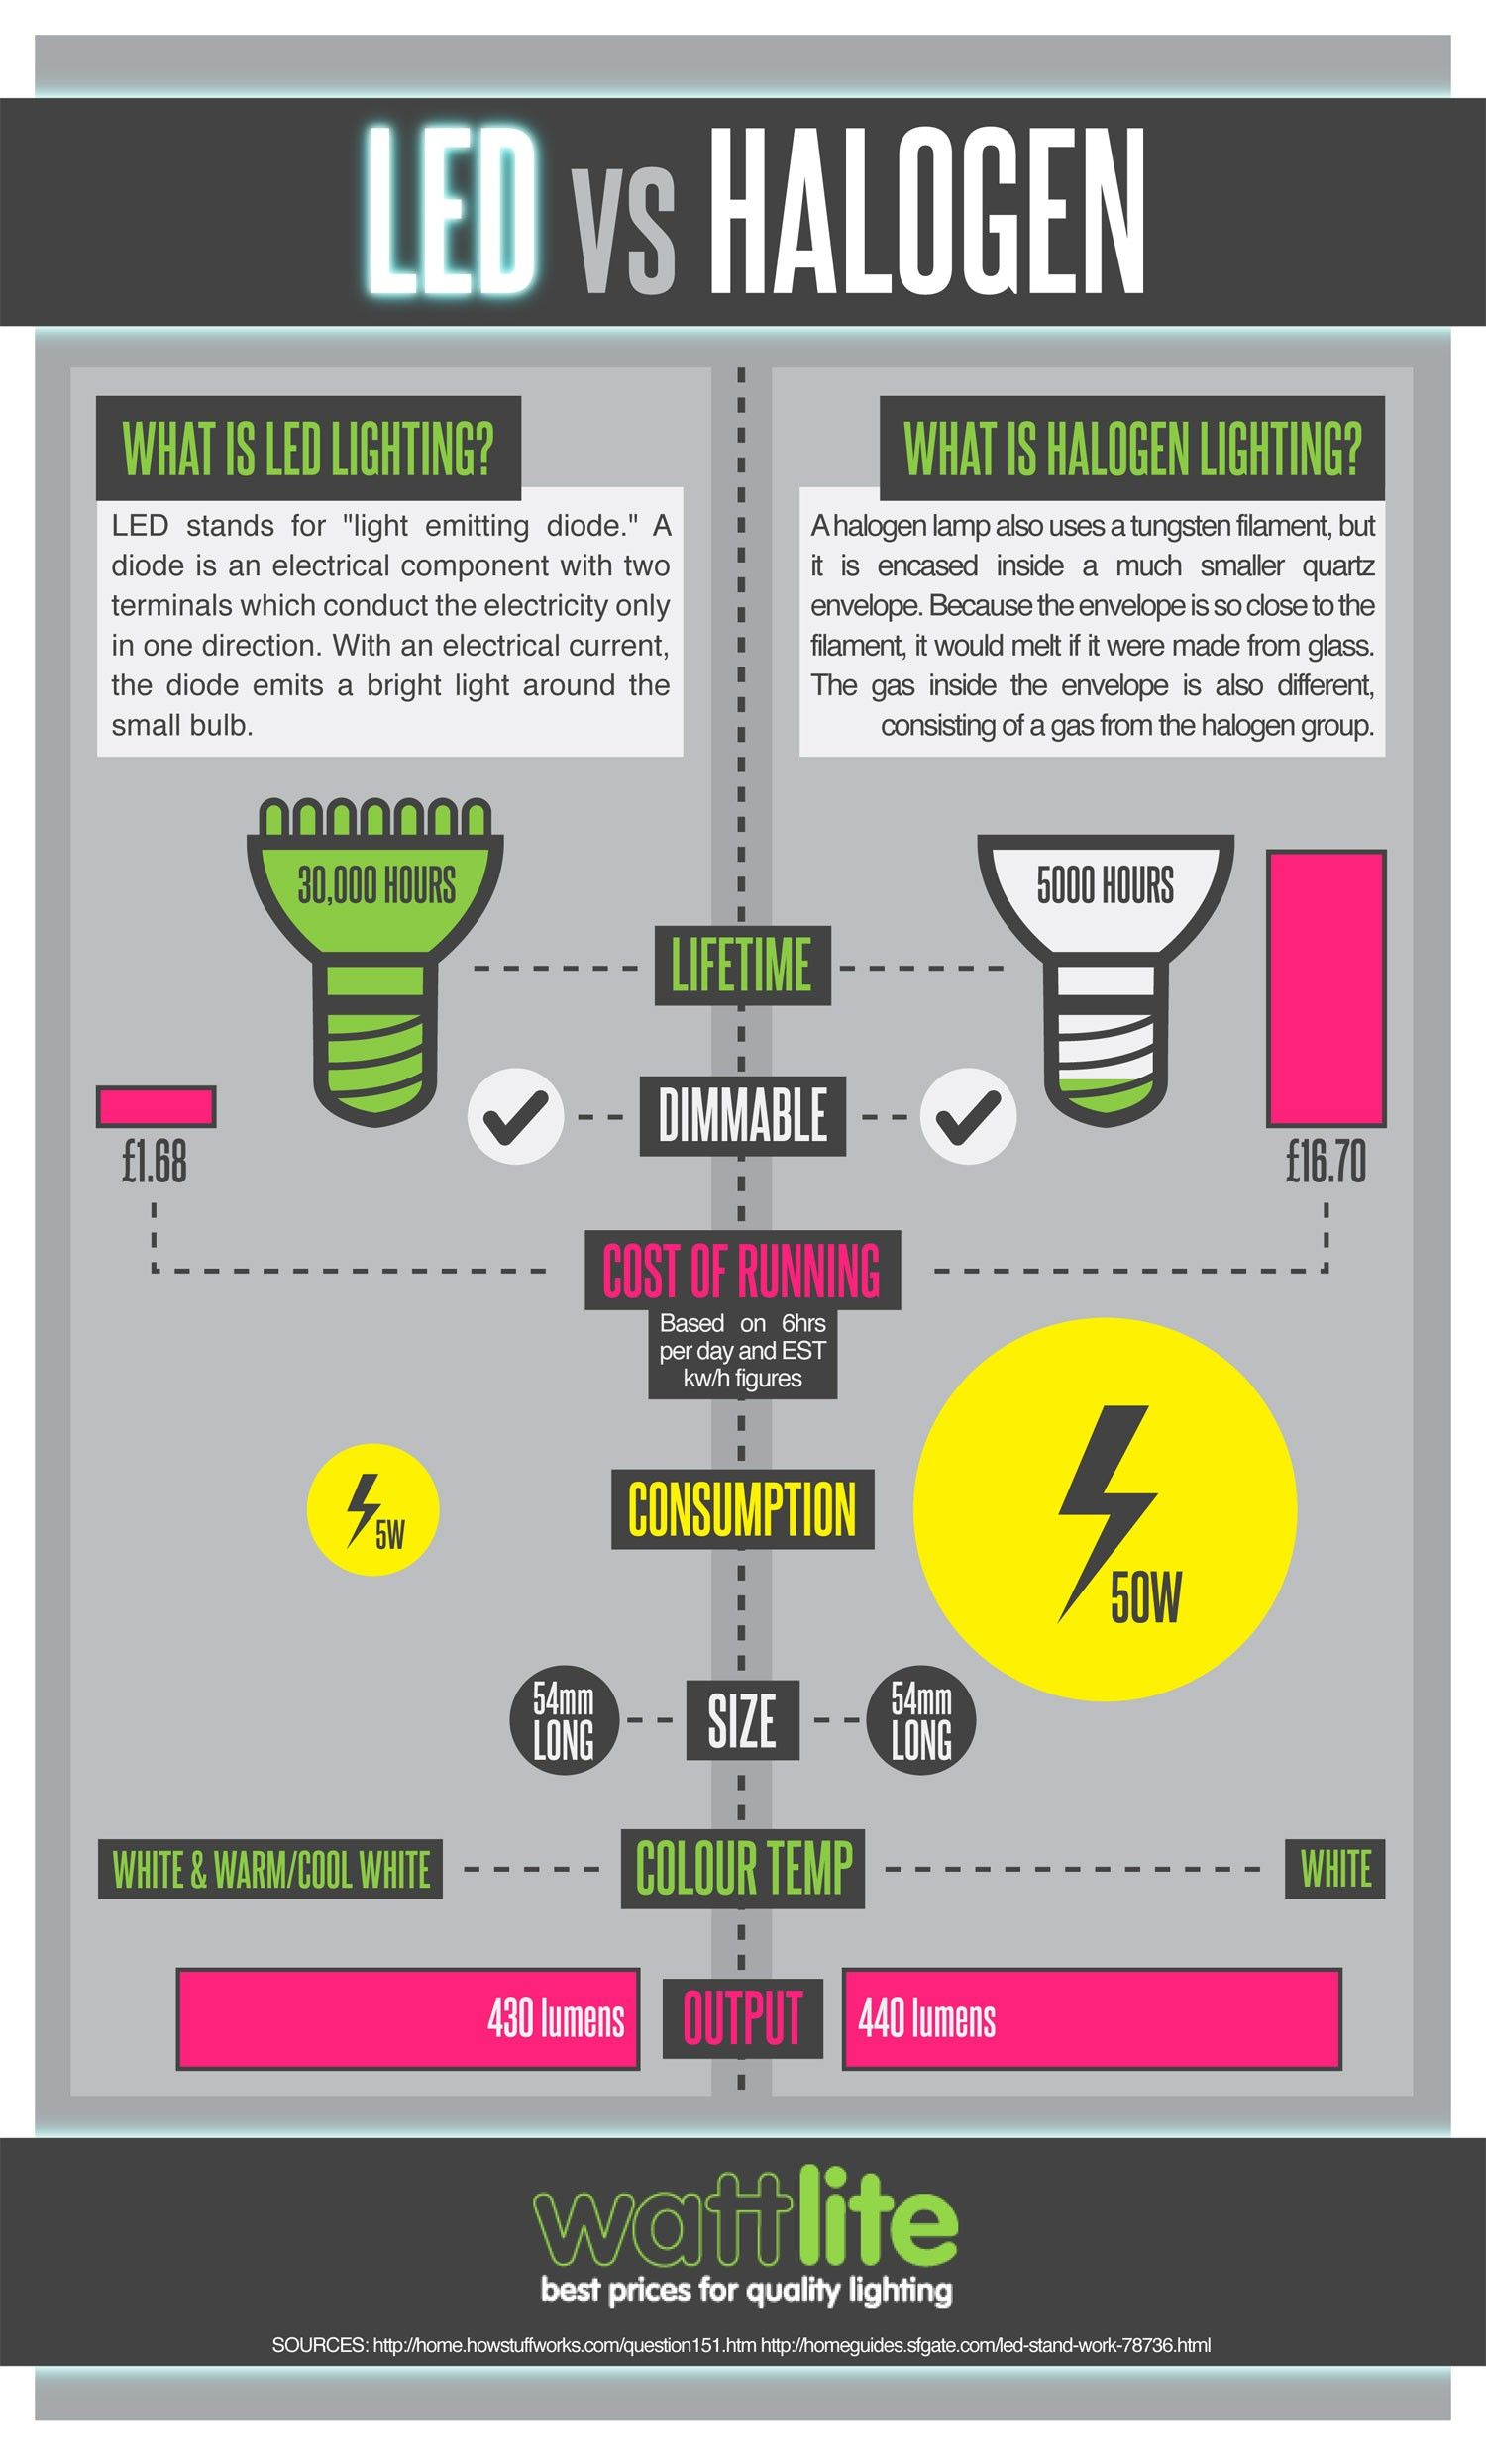 Halogen Light Vs Led >> LED vs Halogen Infographic | Homemade generator, Led, Energy saving tips